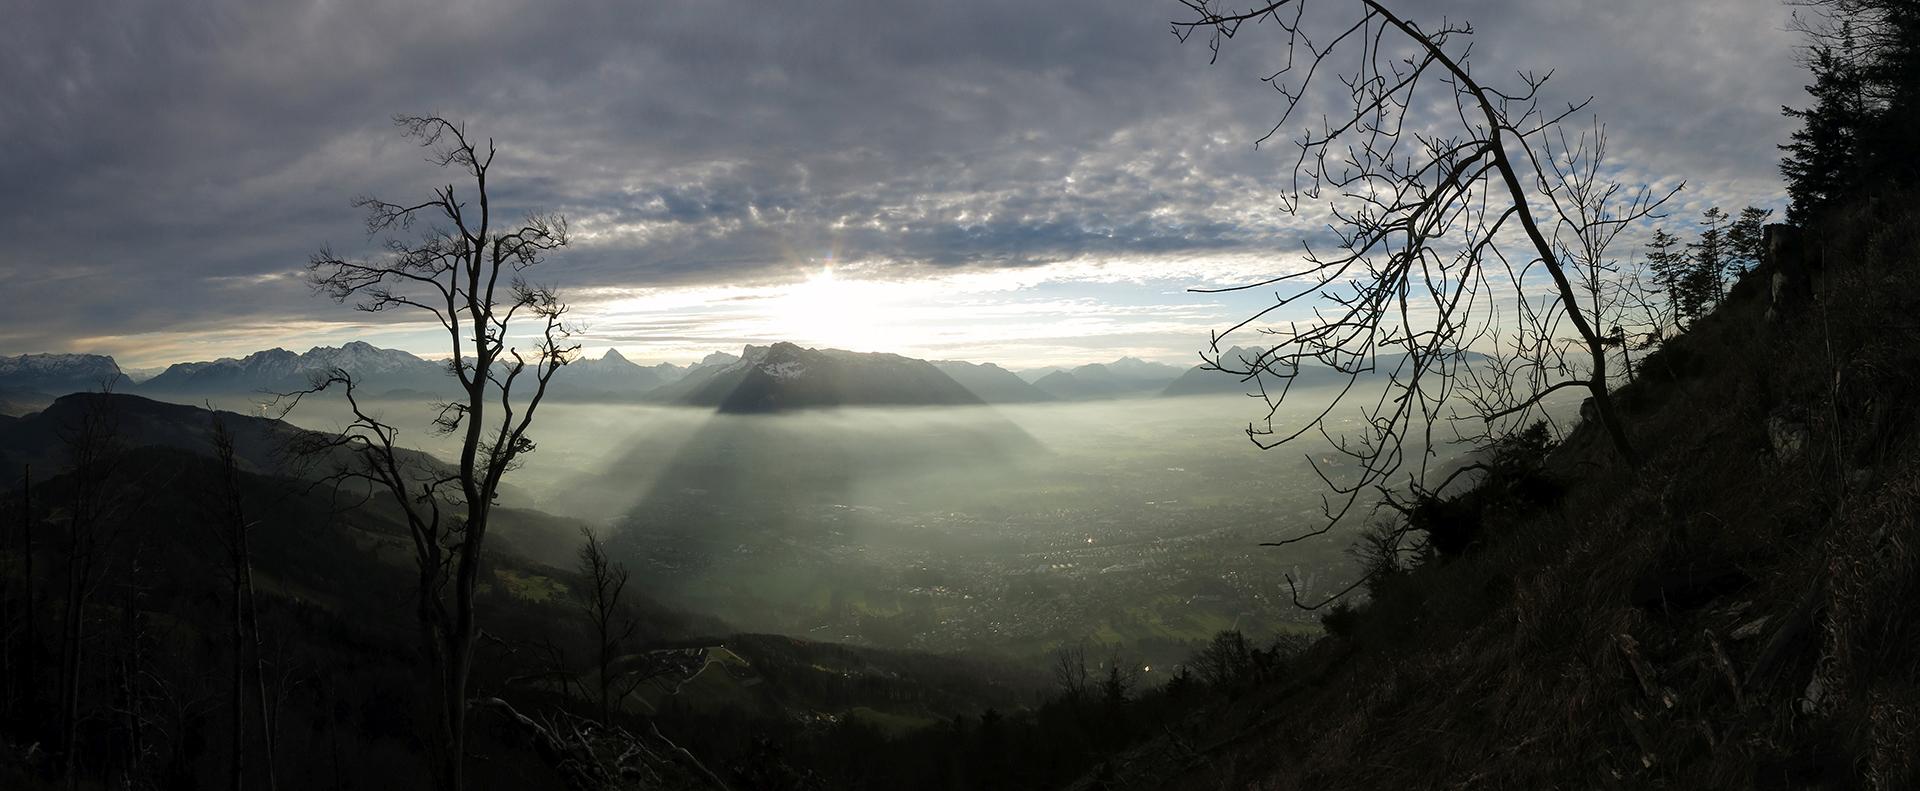 Salzburg Corona düstere Stimmung der Krise